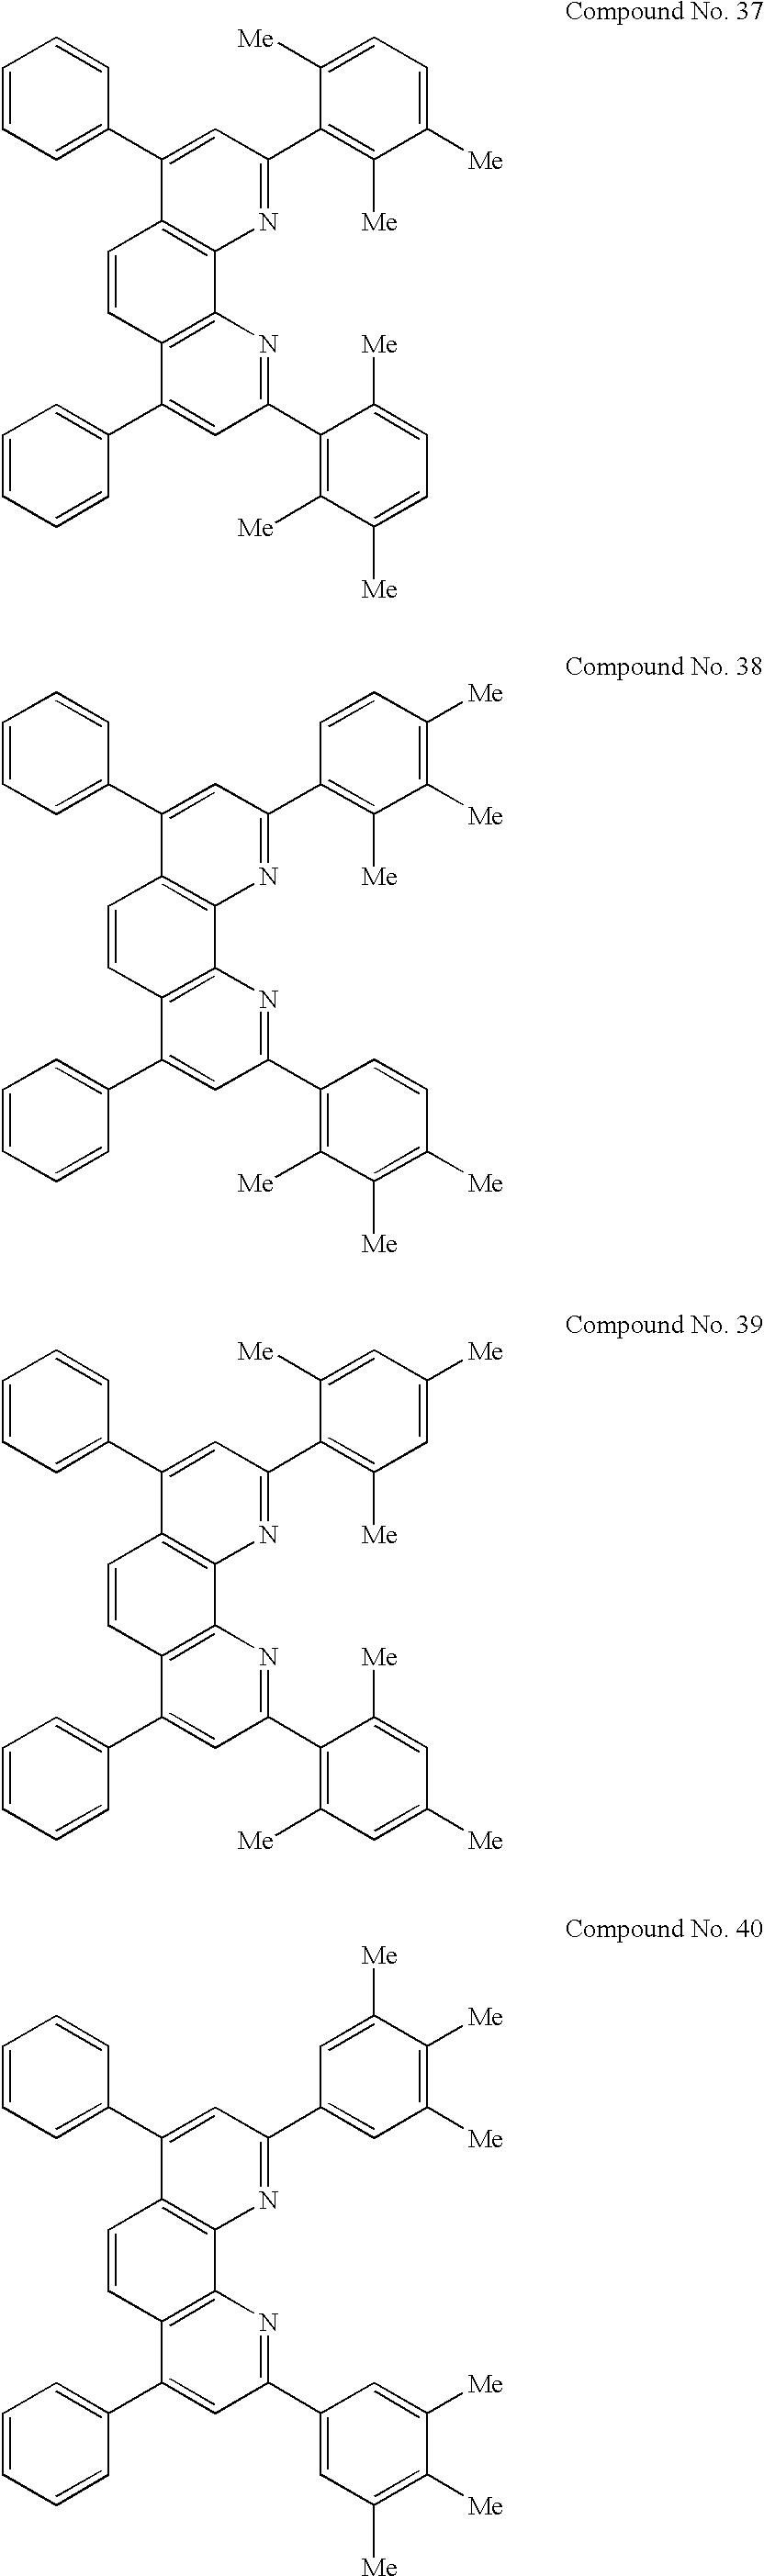 Figure US06524728-20030225-C00012